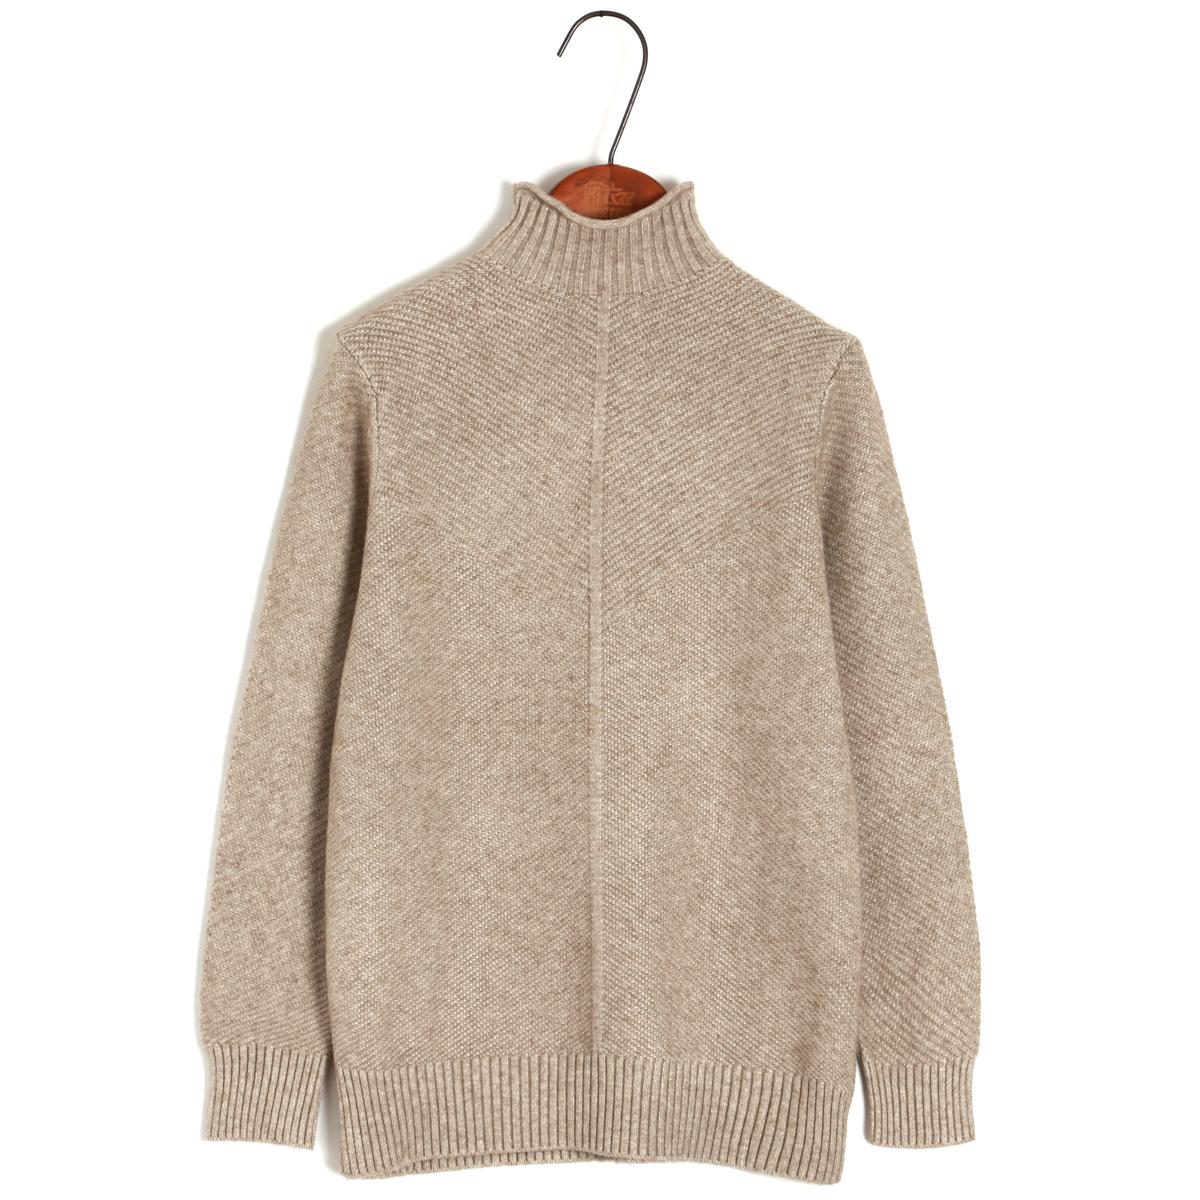 Mùa thu và mùa đông mới áo len cao cổ nửa cổ áo len nữ phiên bản Hàn Quốc của áo len ngắn ngắn liền thân dày làm đáy áo thủy triều - Áo len